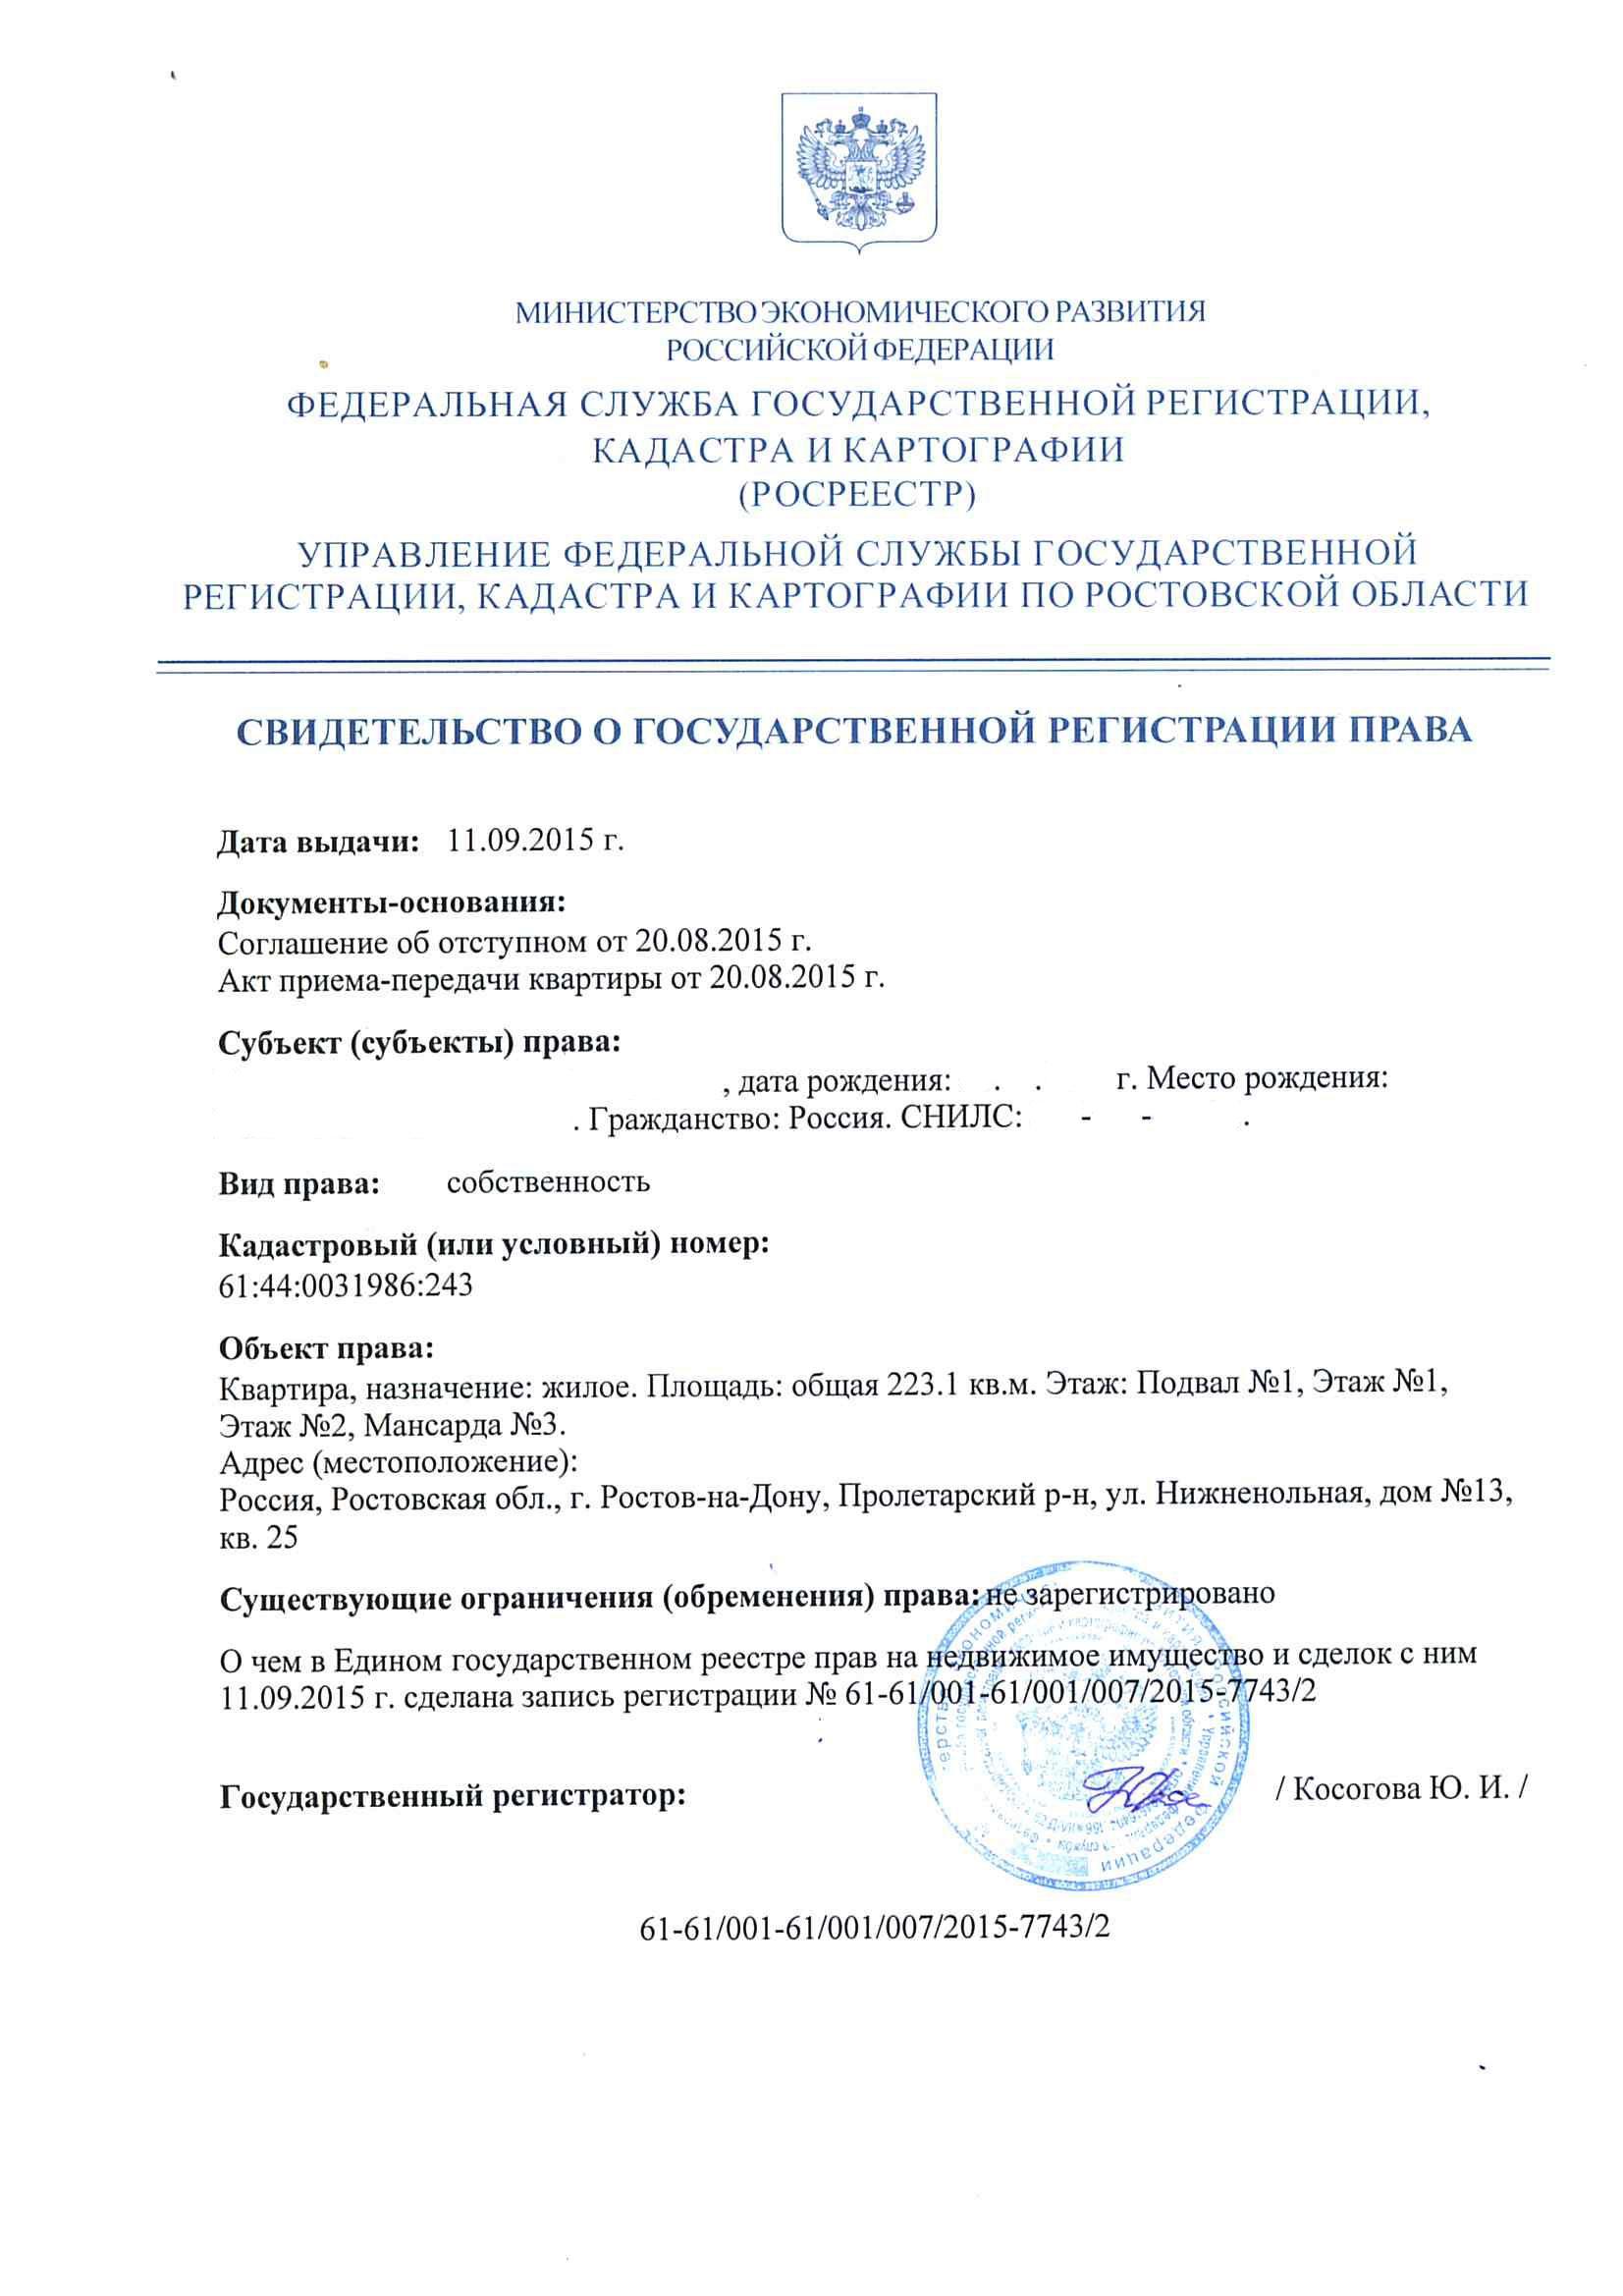 Свидетельство о гос регистрации квартира 25